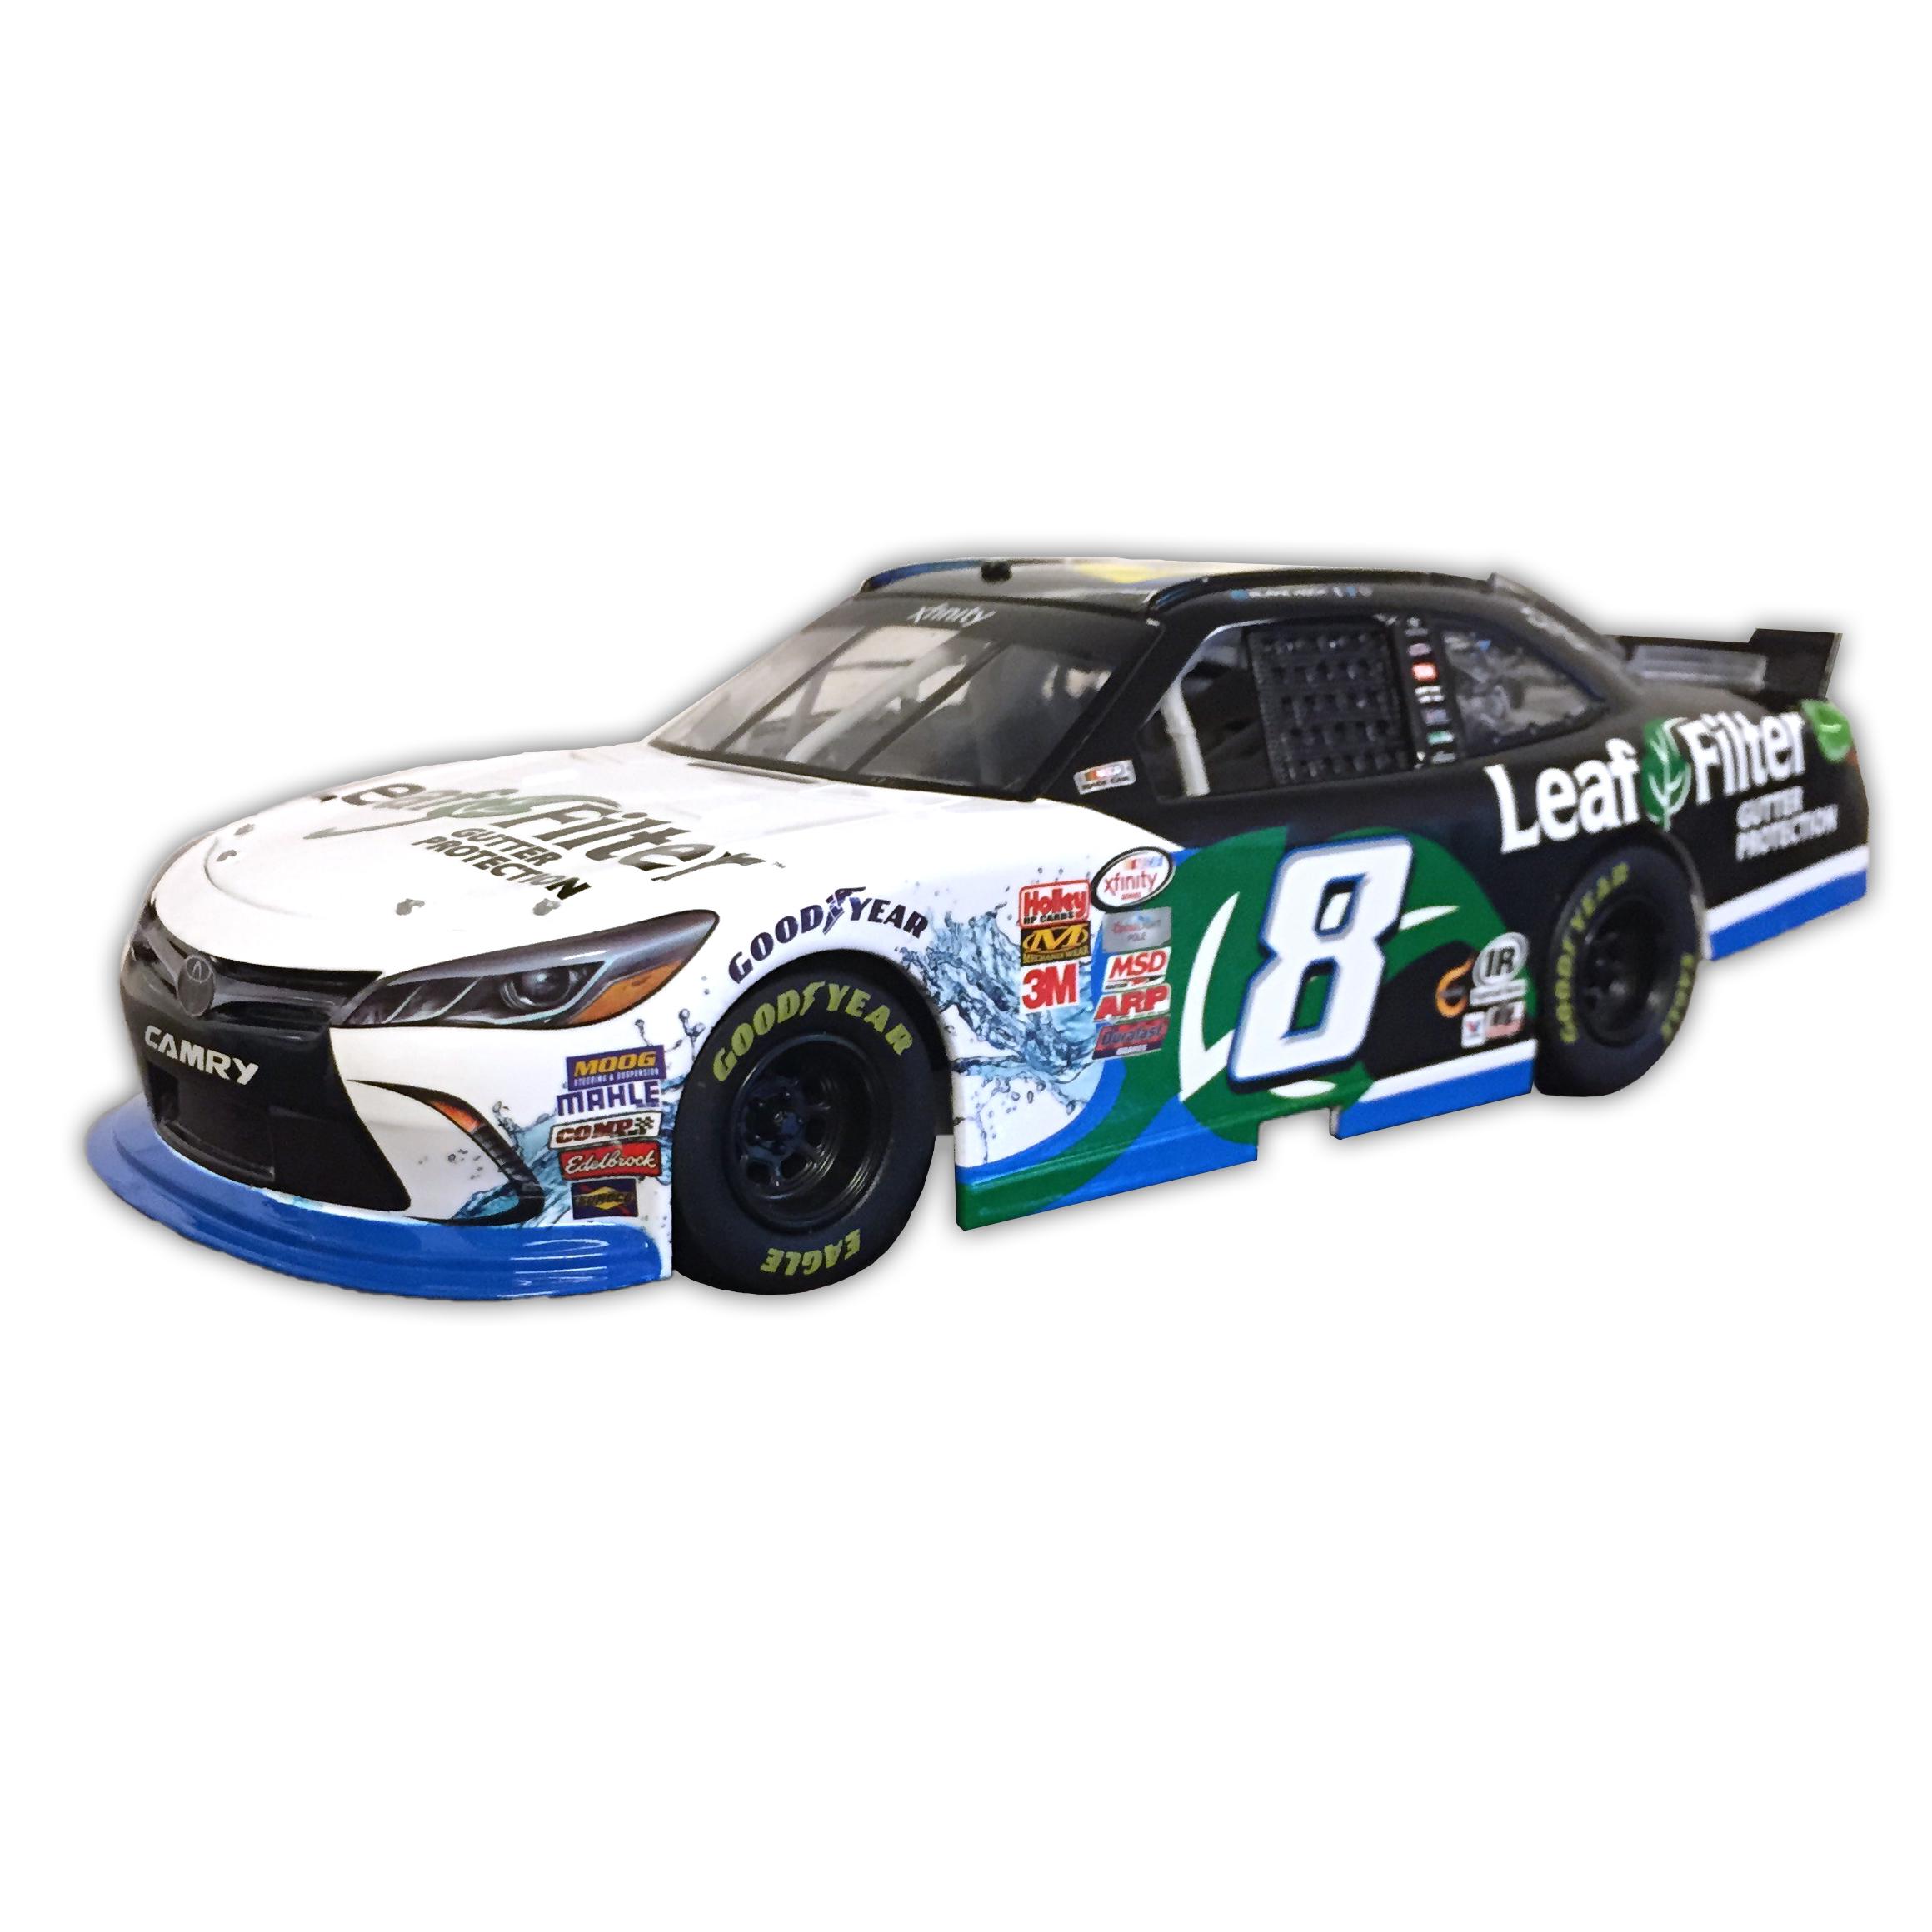 LeafFilter Racing Online Shop